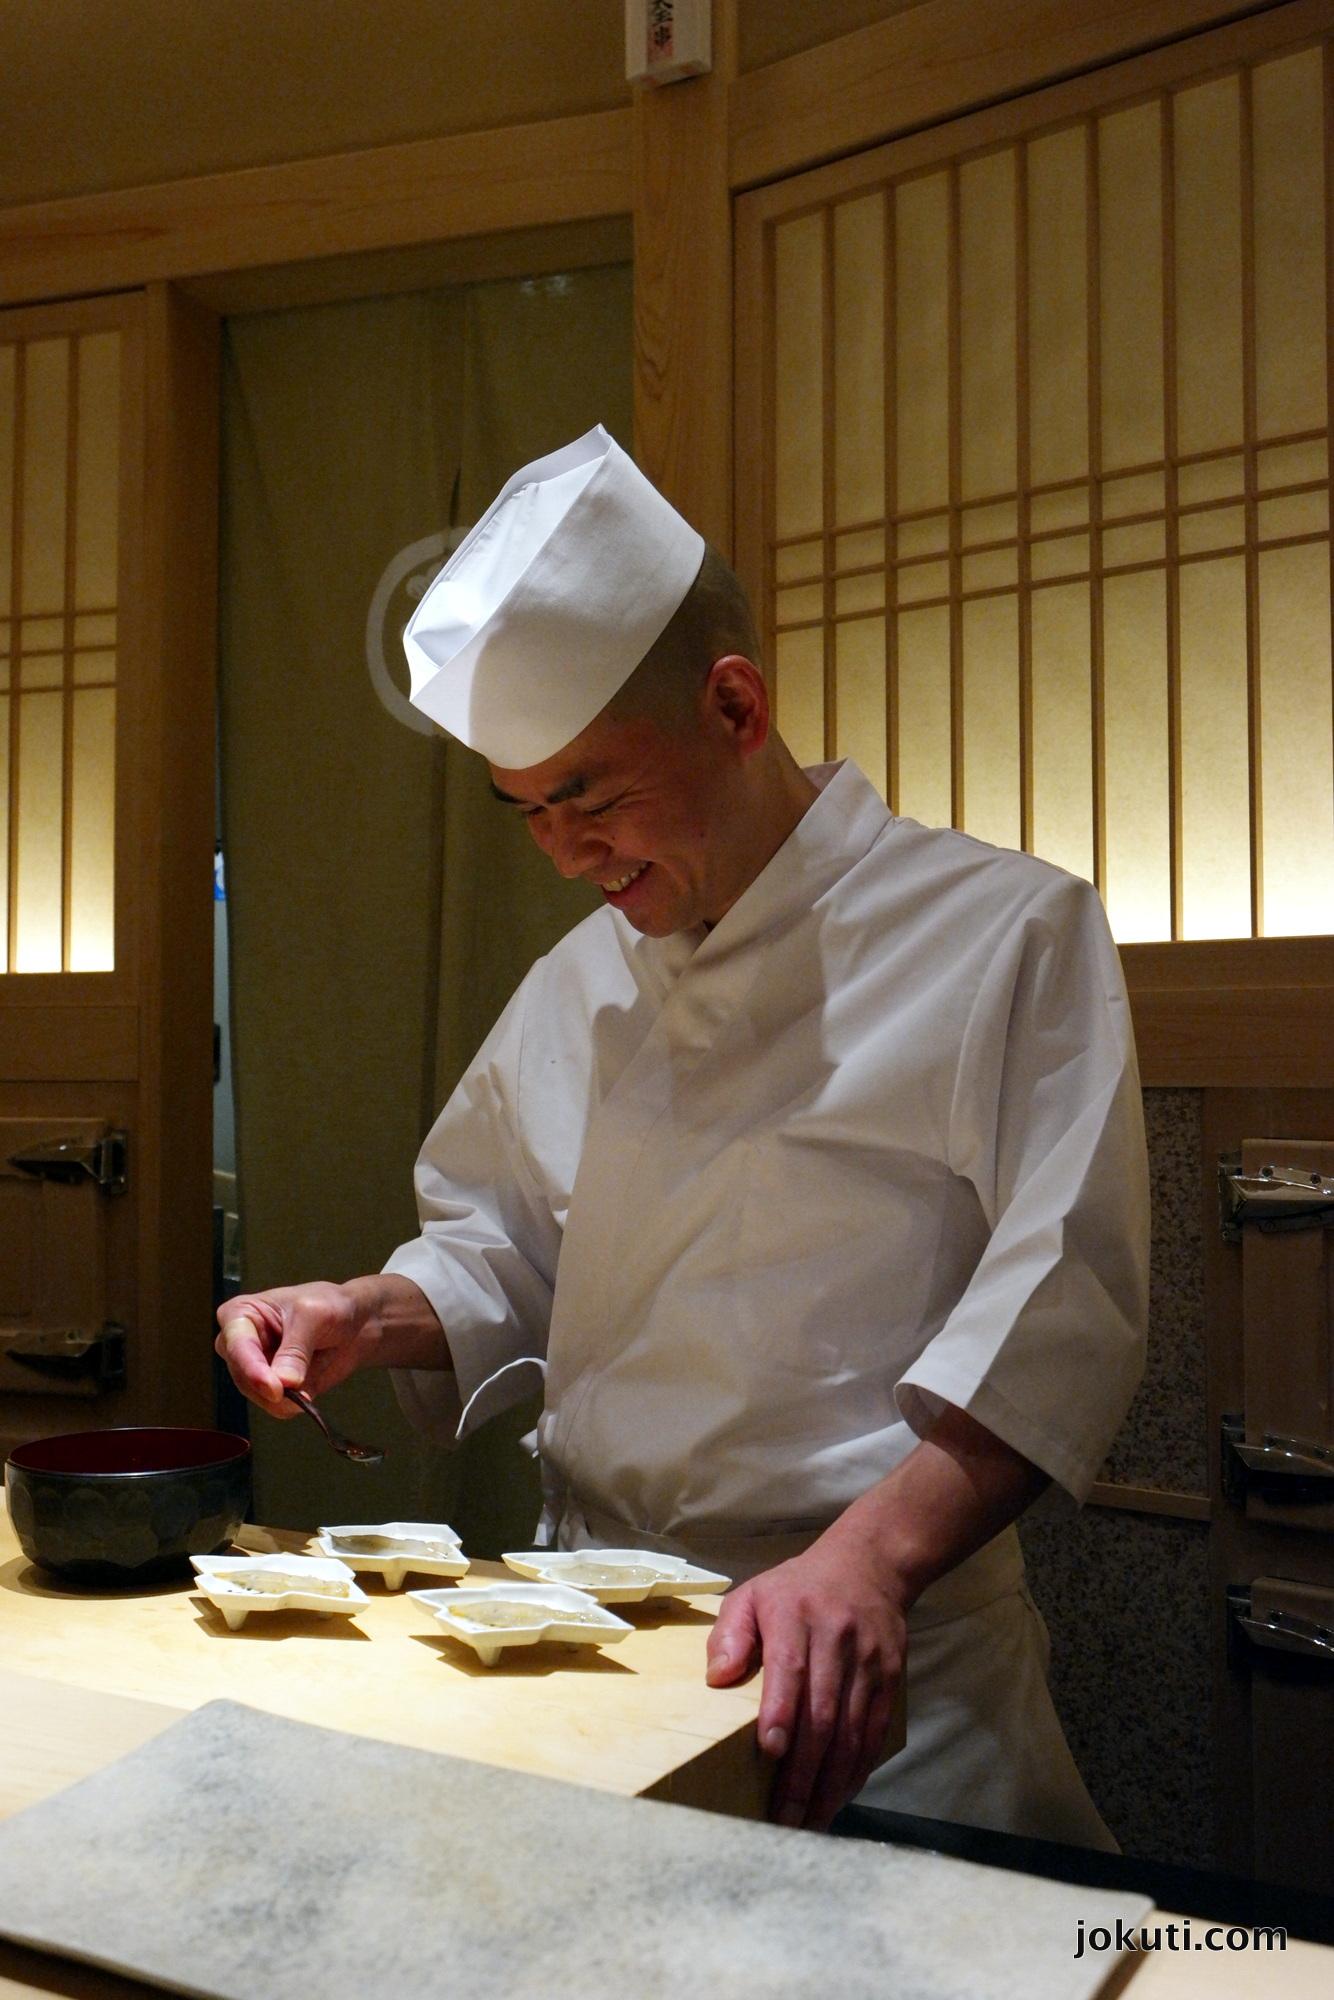 Shirauo ('japán szardella' vagy jéghal), az új év üdvözlésére.